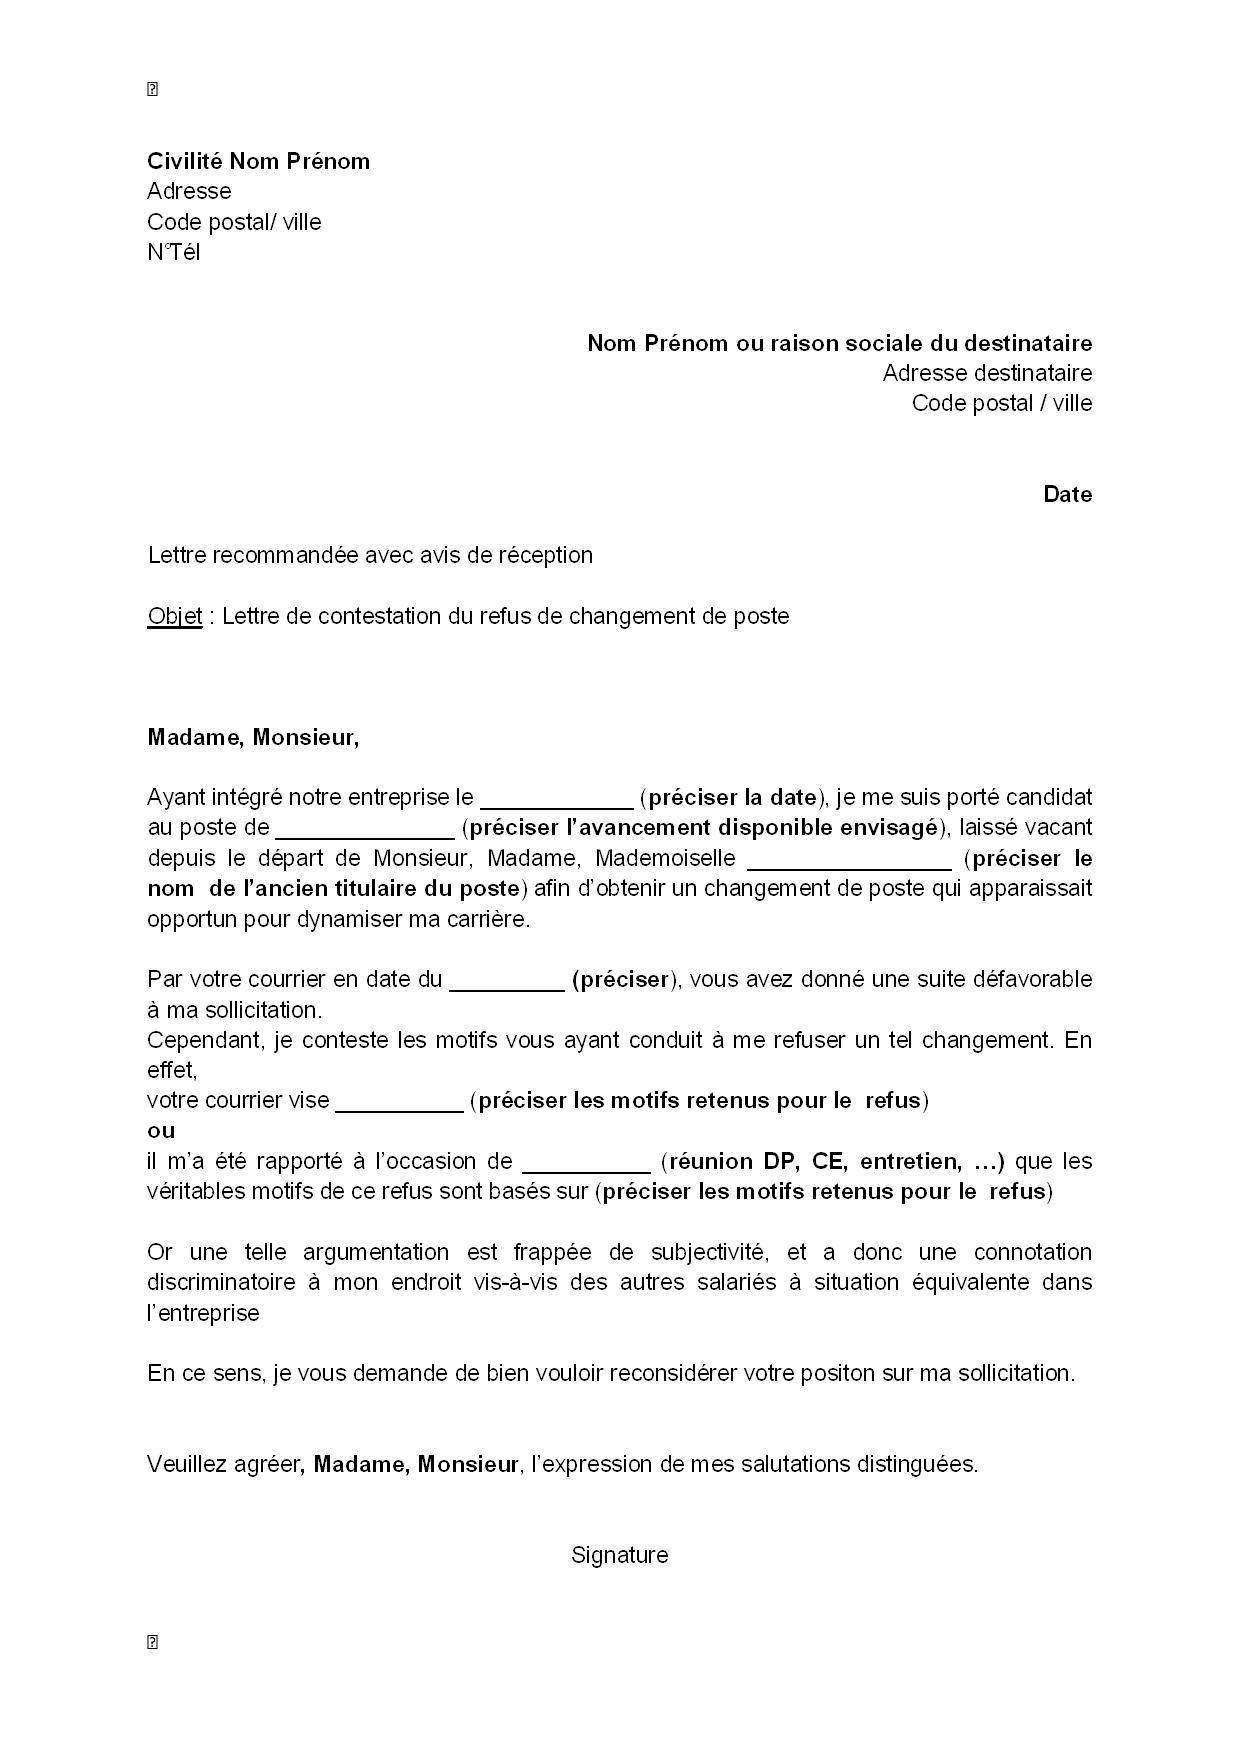 lettre de contestation  par le salari u00e9  du refus de